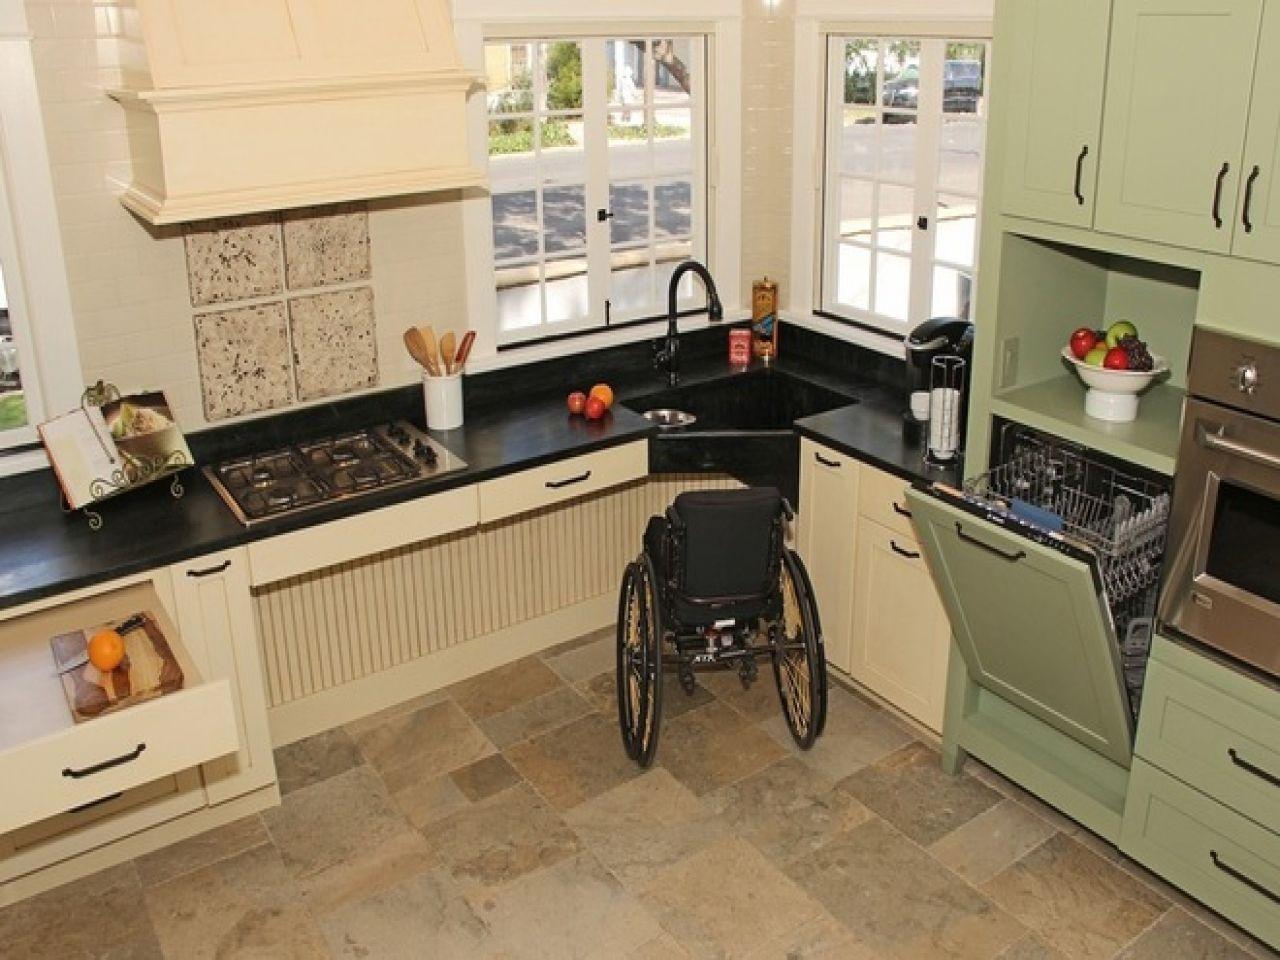 wheelchair design amazon baby bouncer chair designer sinks kitchens accessible kitchen